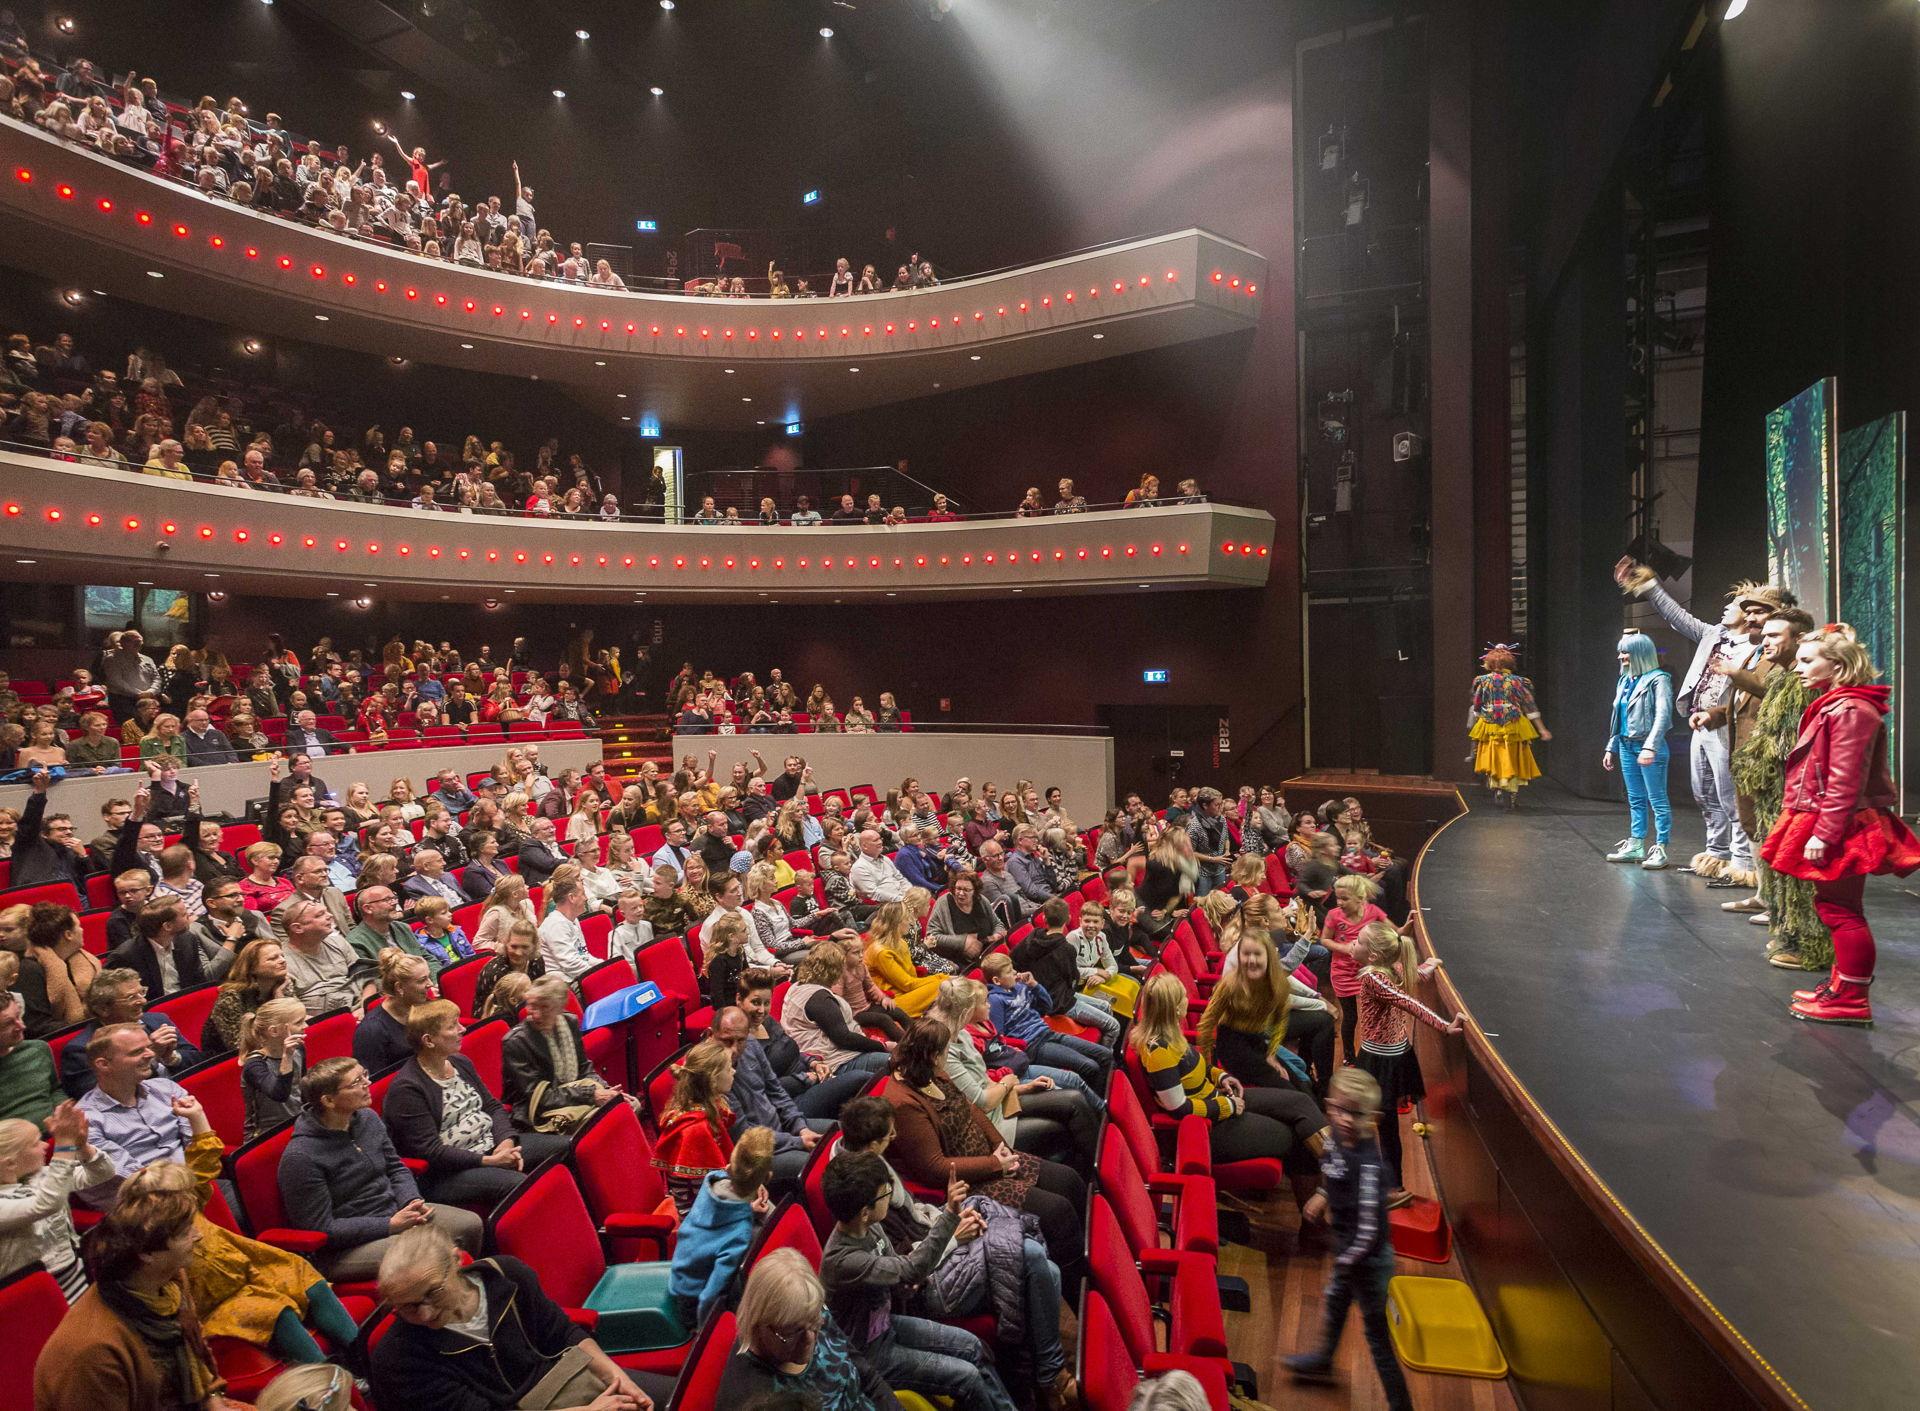 De première van Roodkapje de Musical in een uitverkochte Tamboerzaal